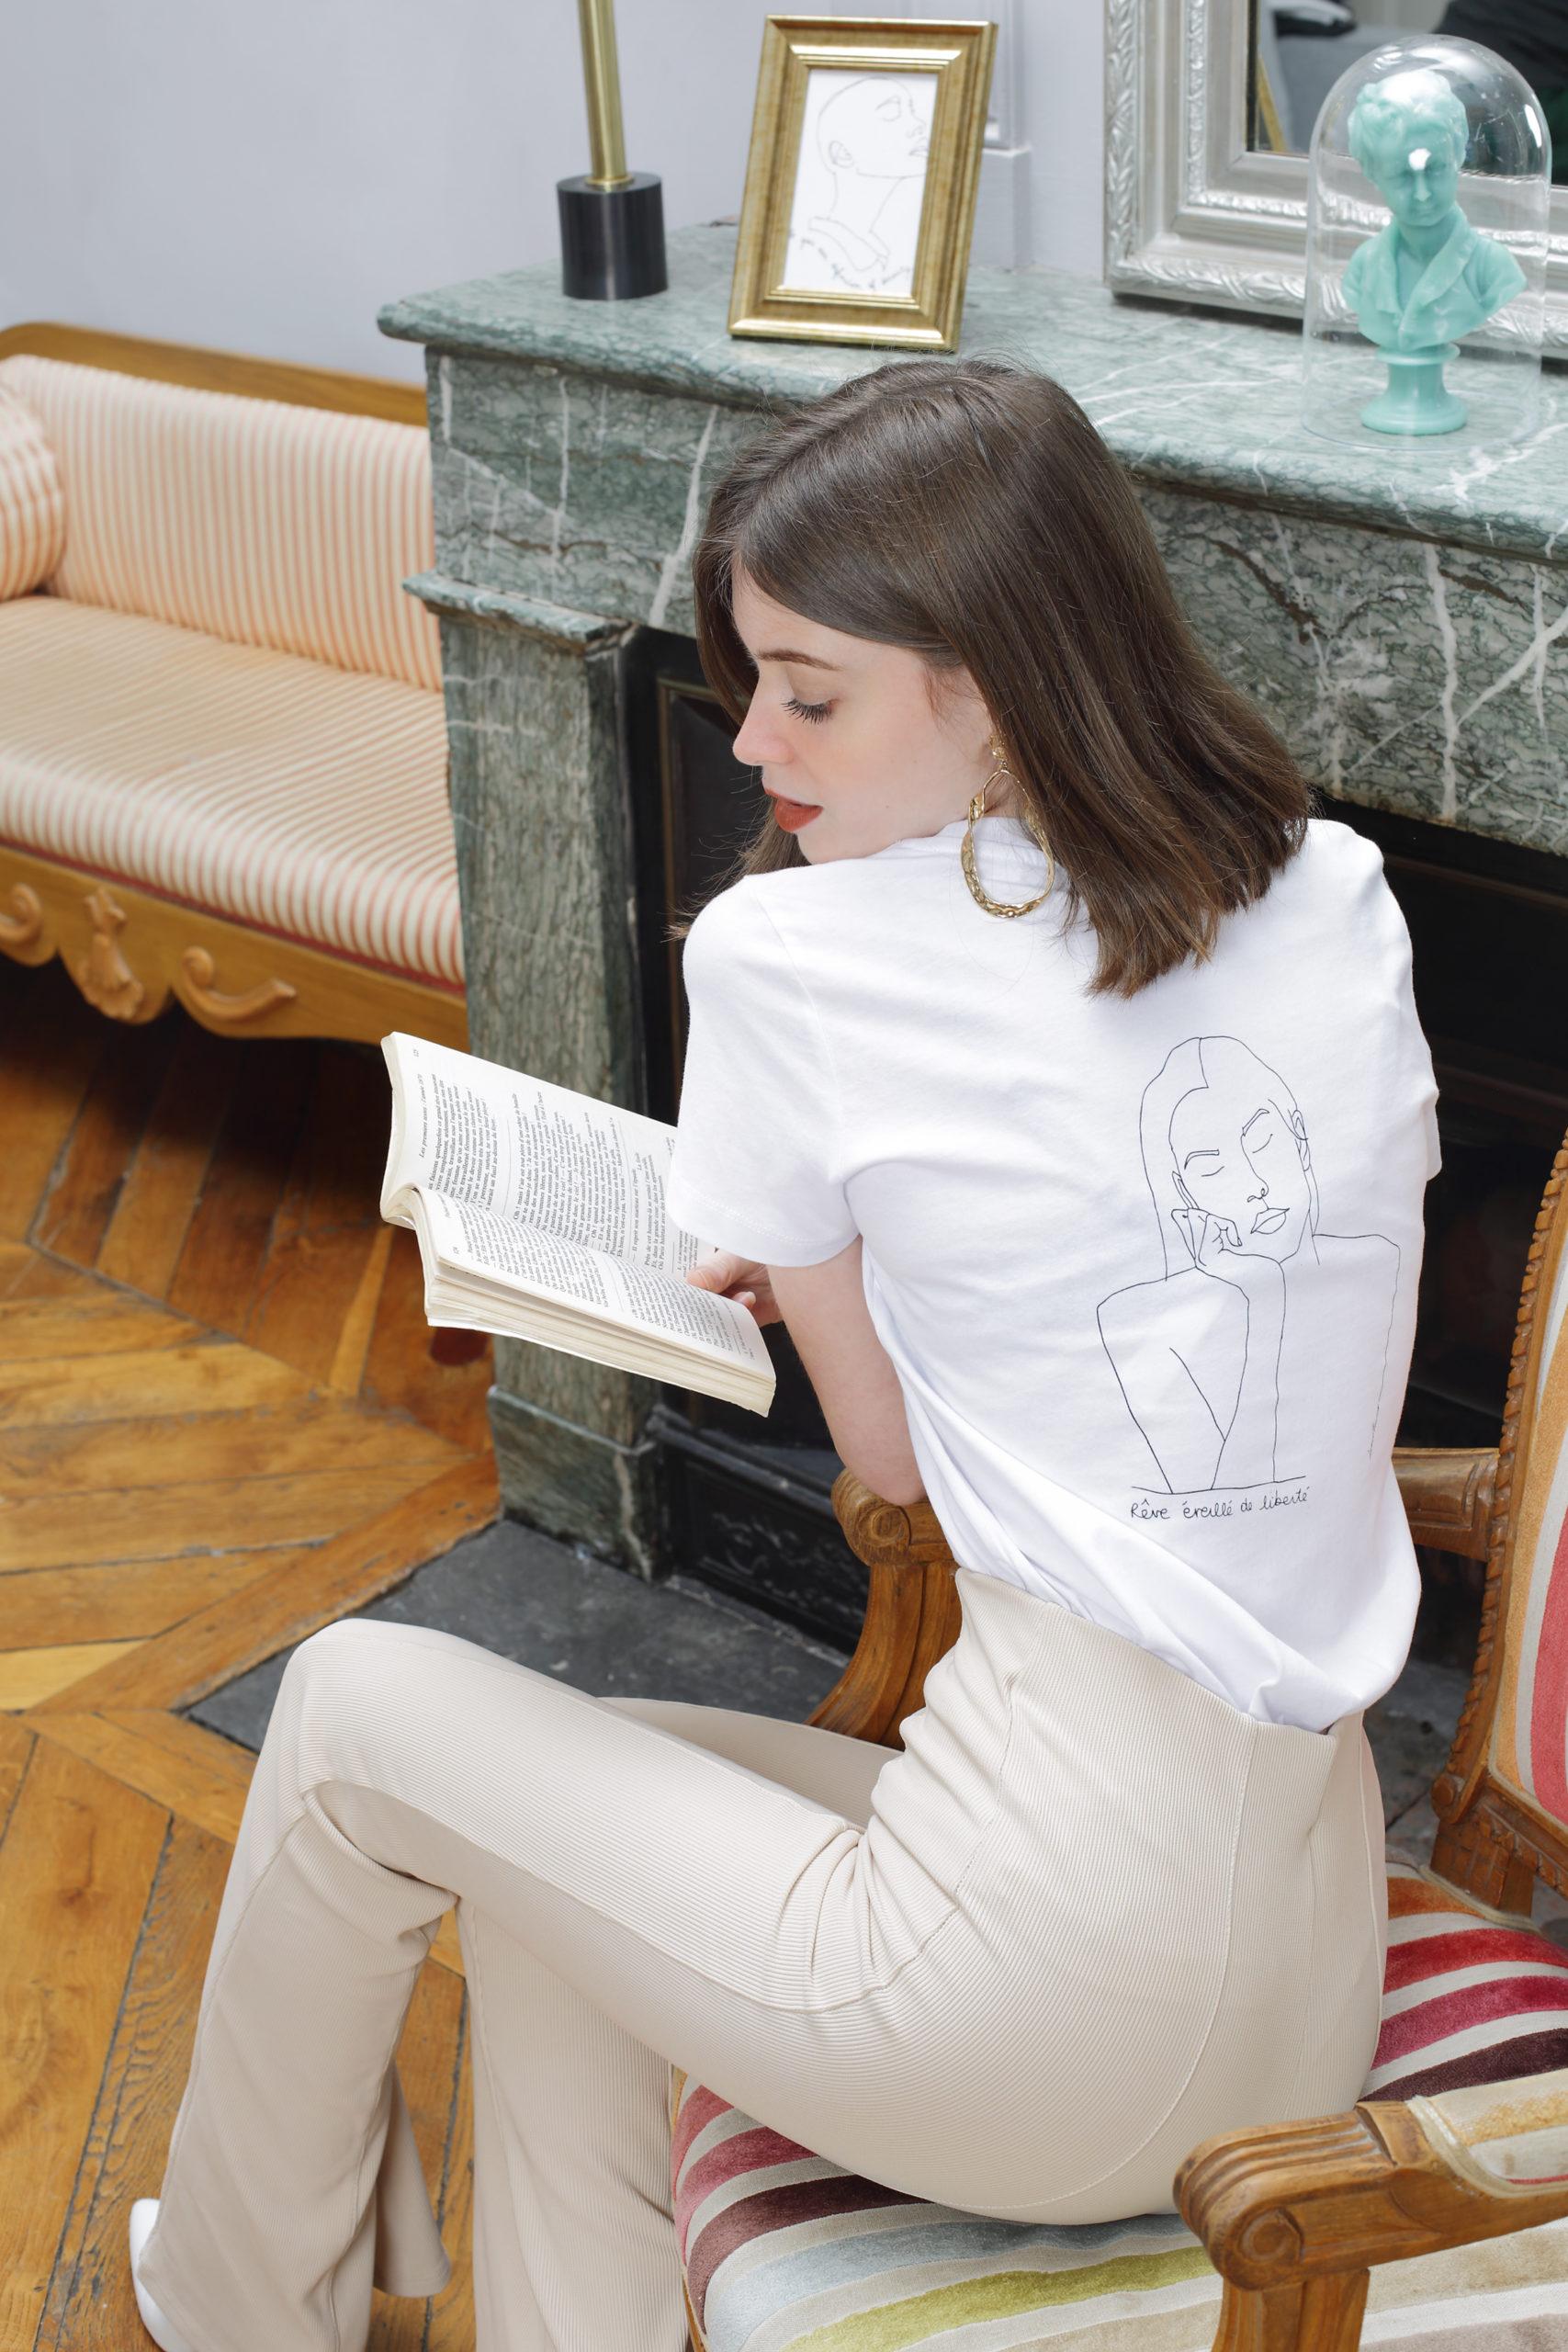 femme qui lit un livre, elle porte un tshirt blanc, le visuel est themis